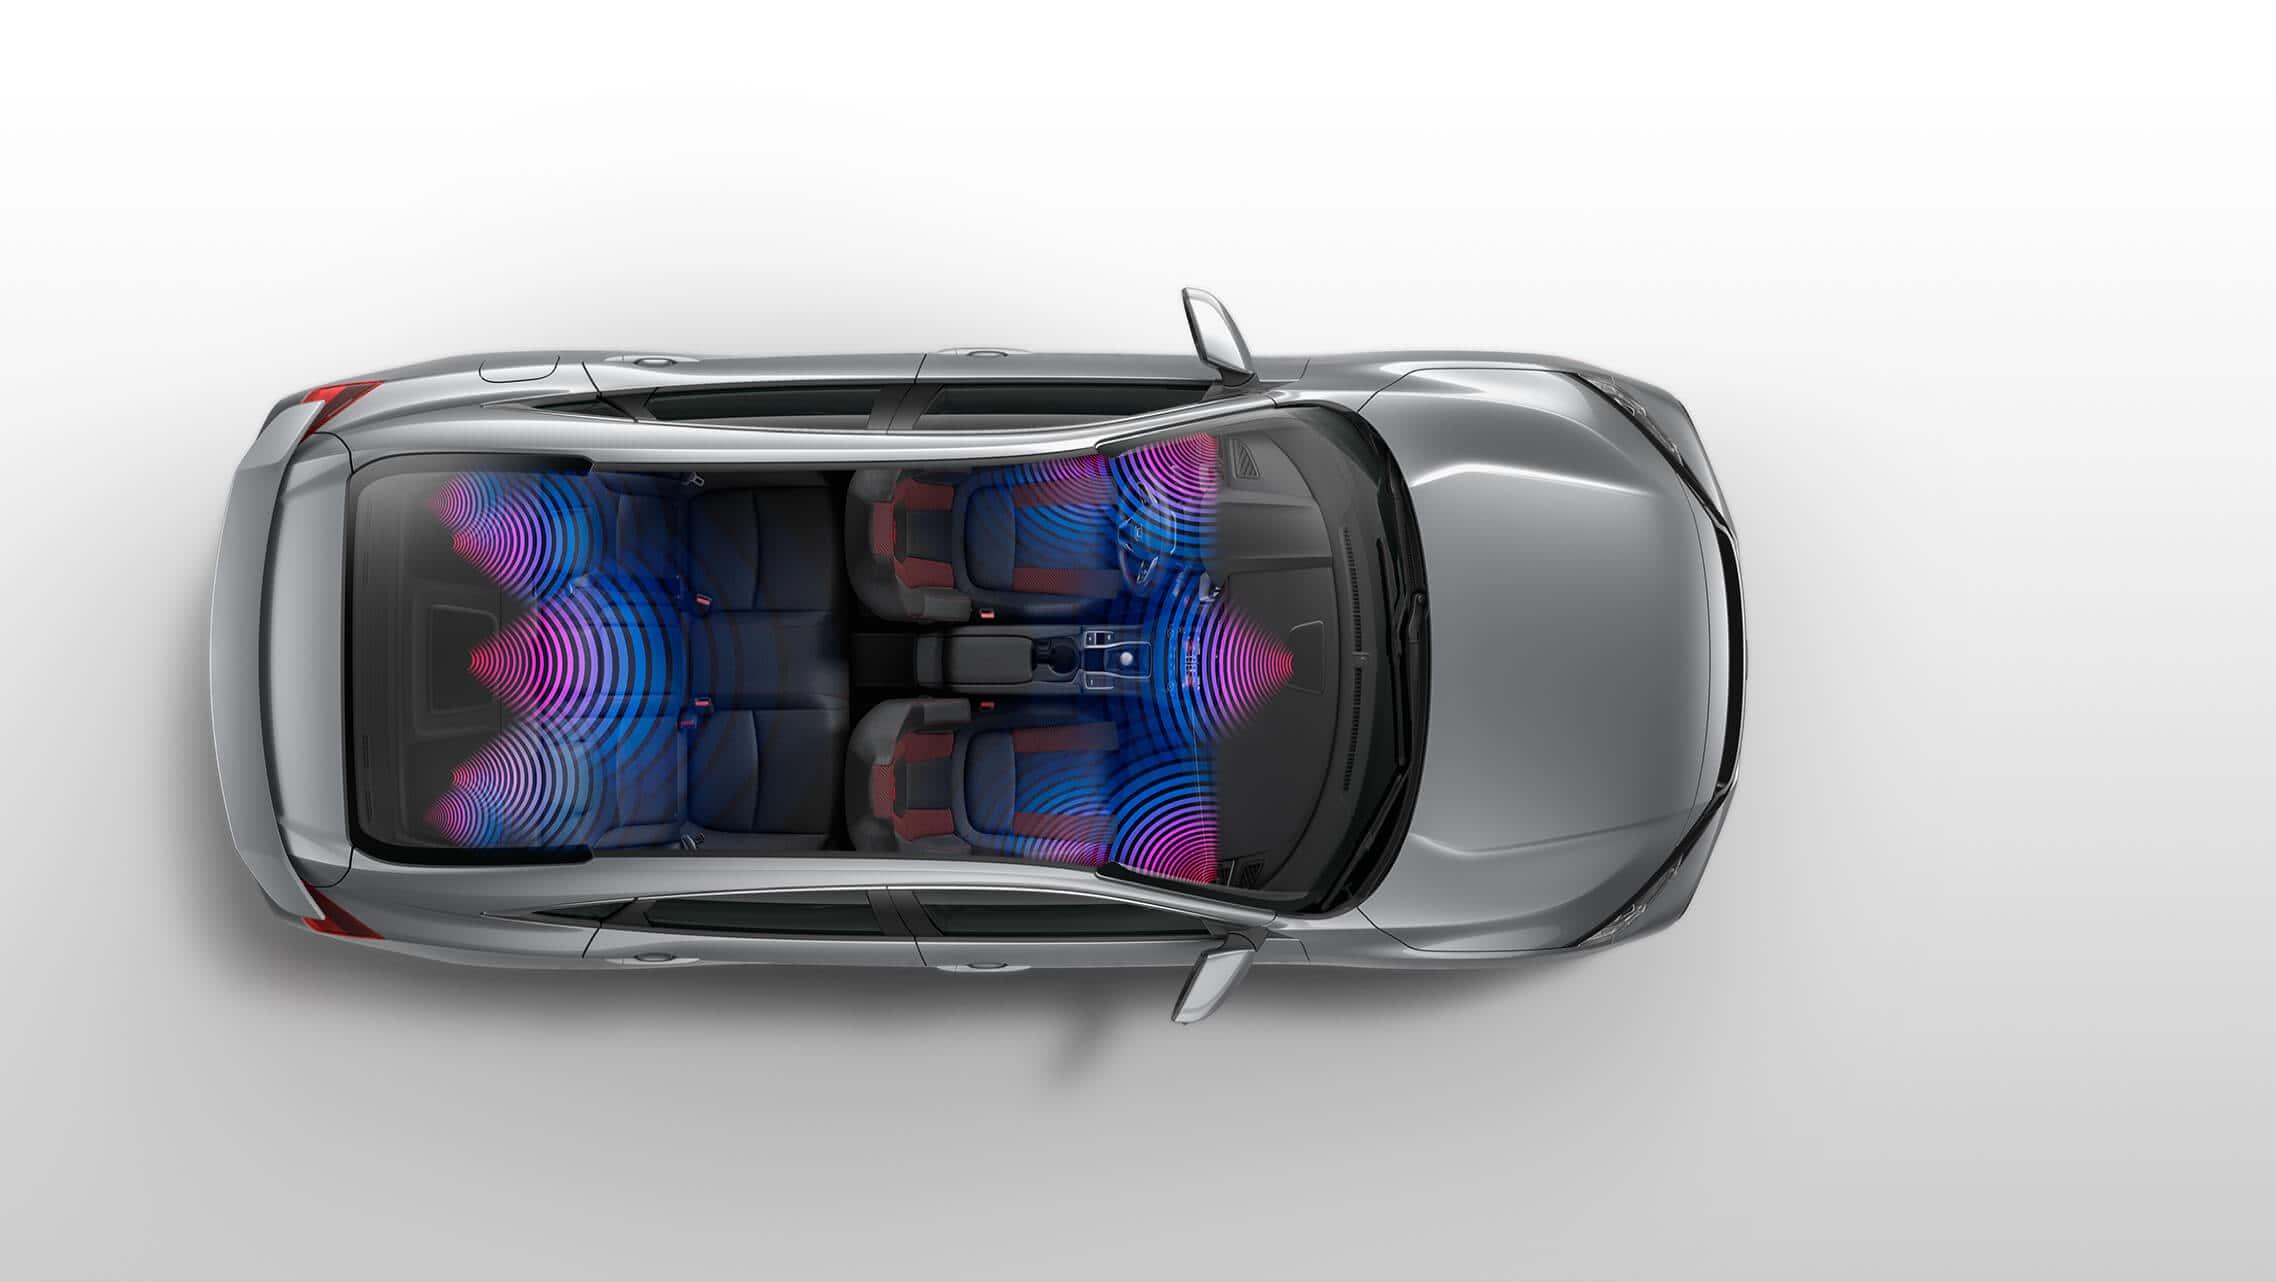 Vista aérea del Honda Civic Si Sedán2019 con gráficos de sonido envolvente.